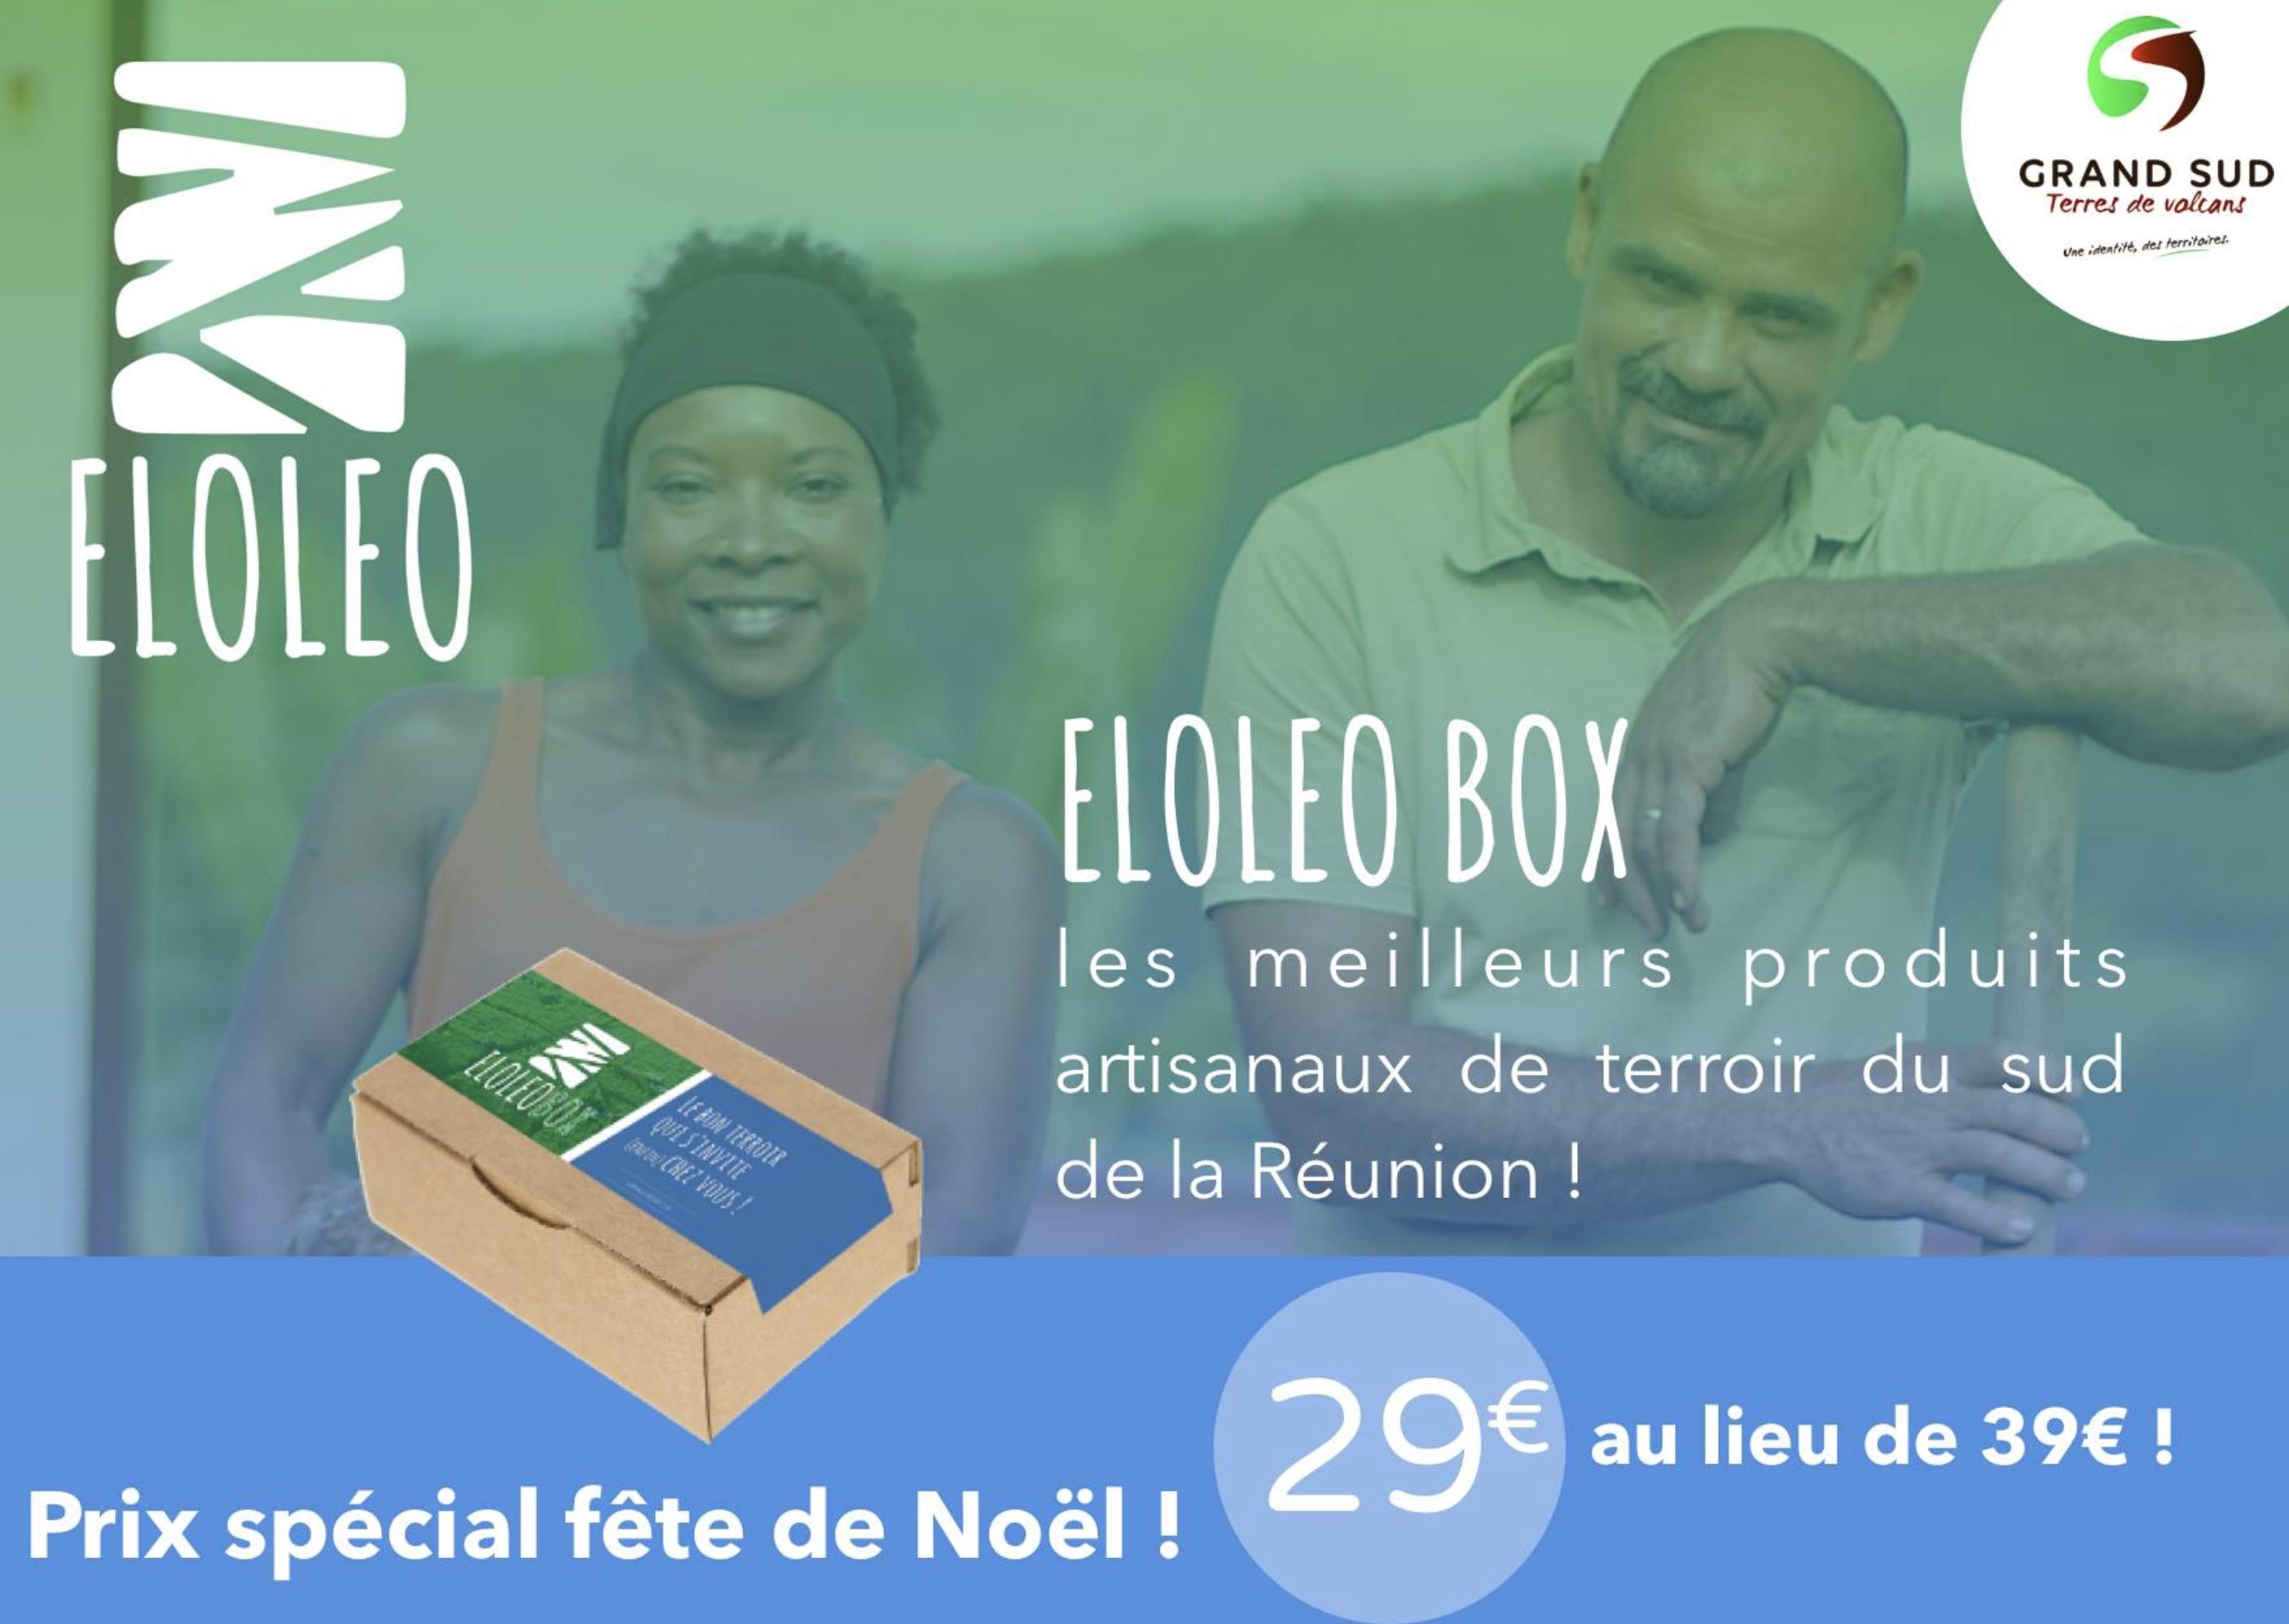 Les Eloléo Box spéciales Comité d'Entreprise !